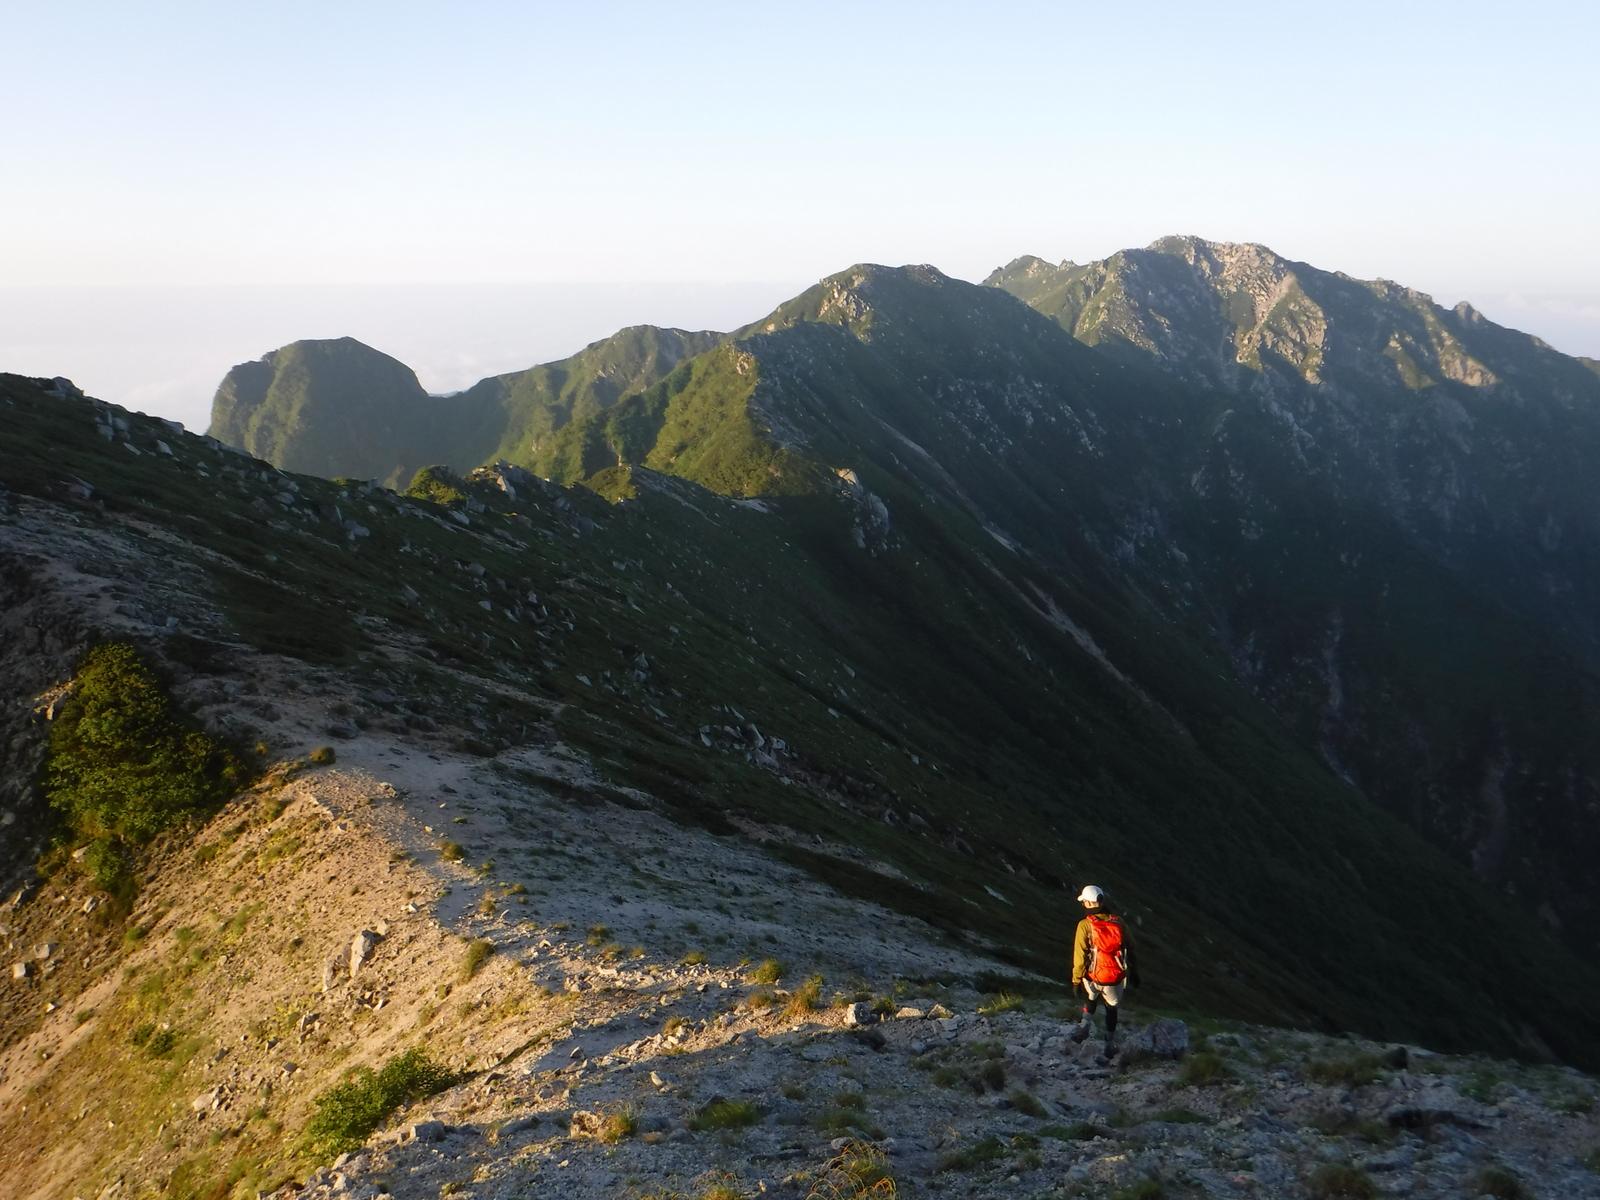 5:20 南駒ケ岳へ向かう